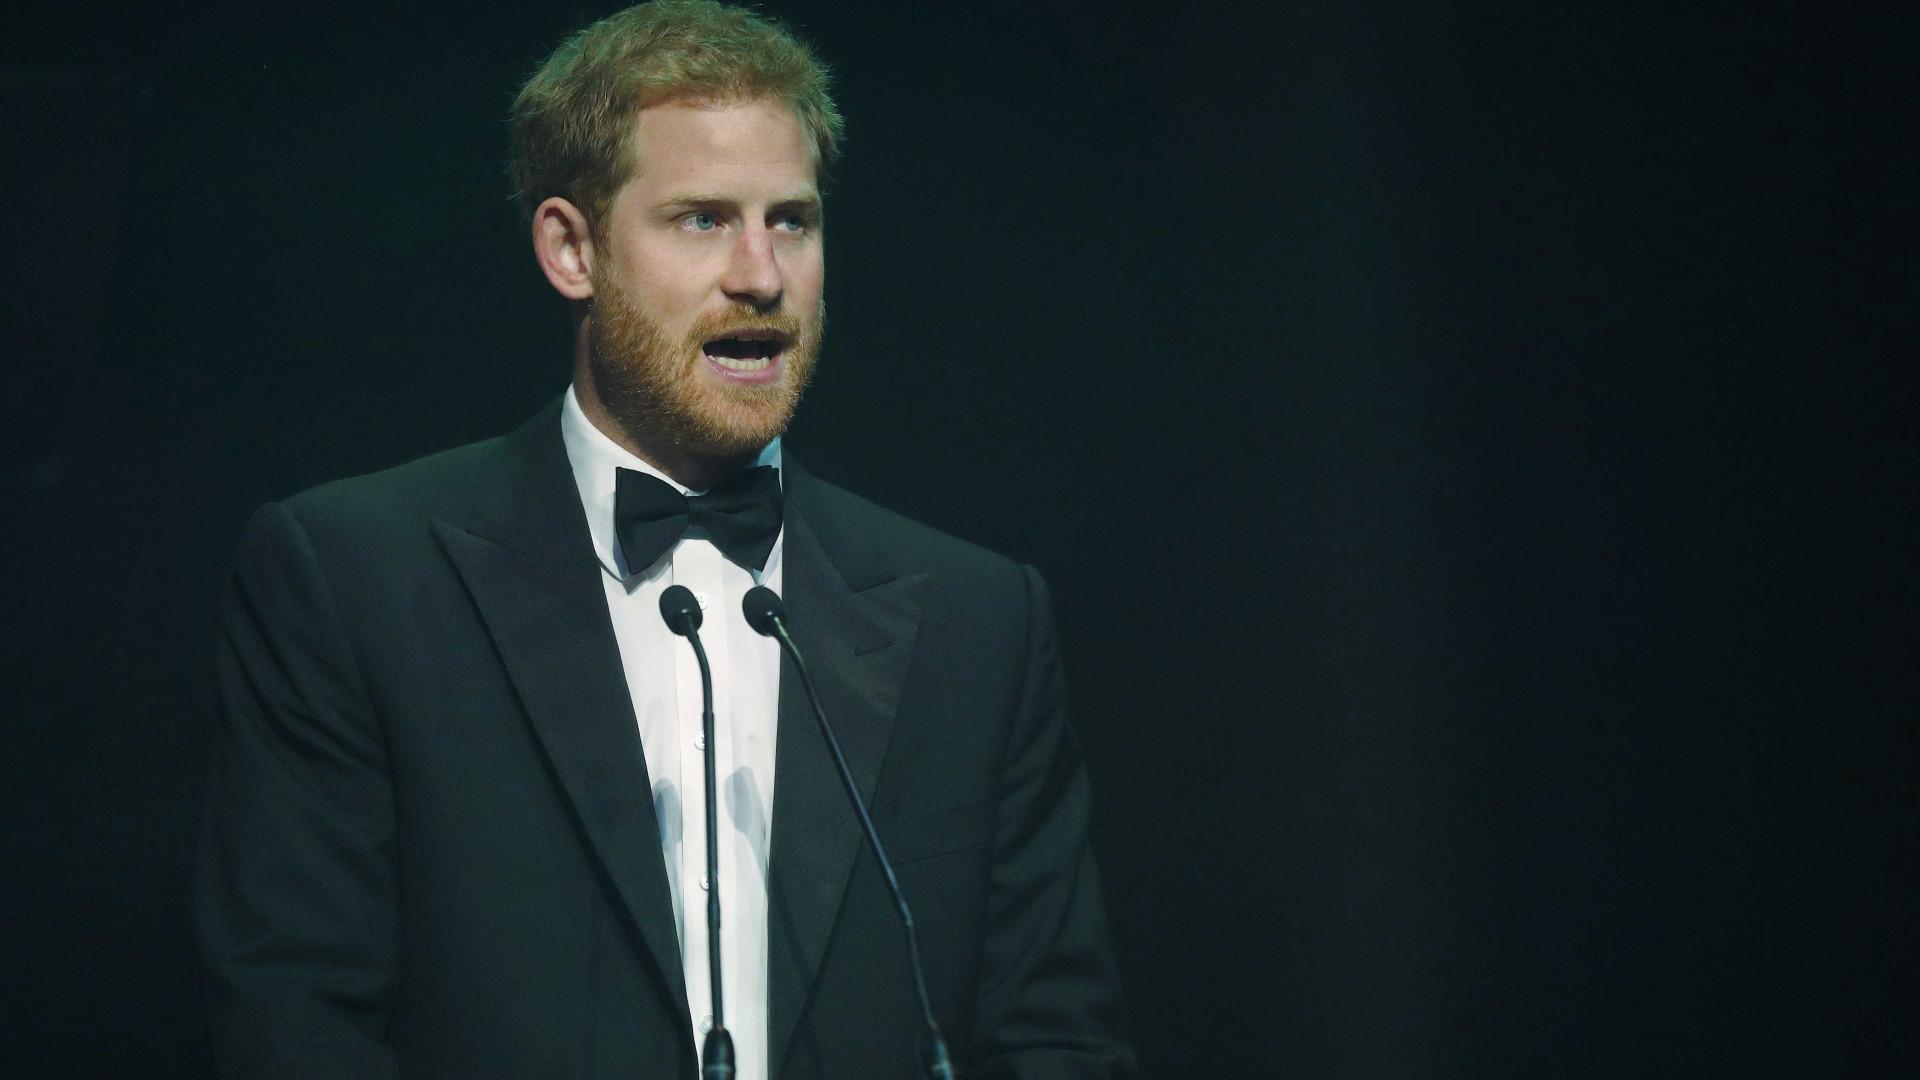 Emocionado, Príncipe Harry fala da mãe Diana e recebe ovação